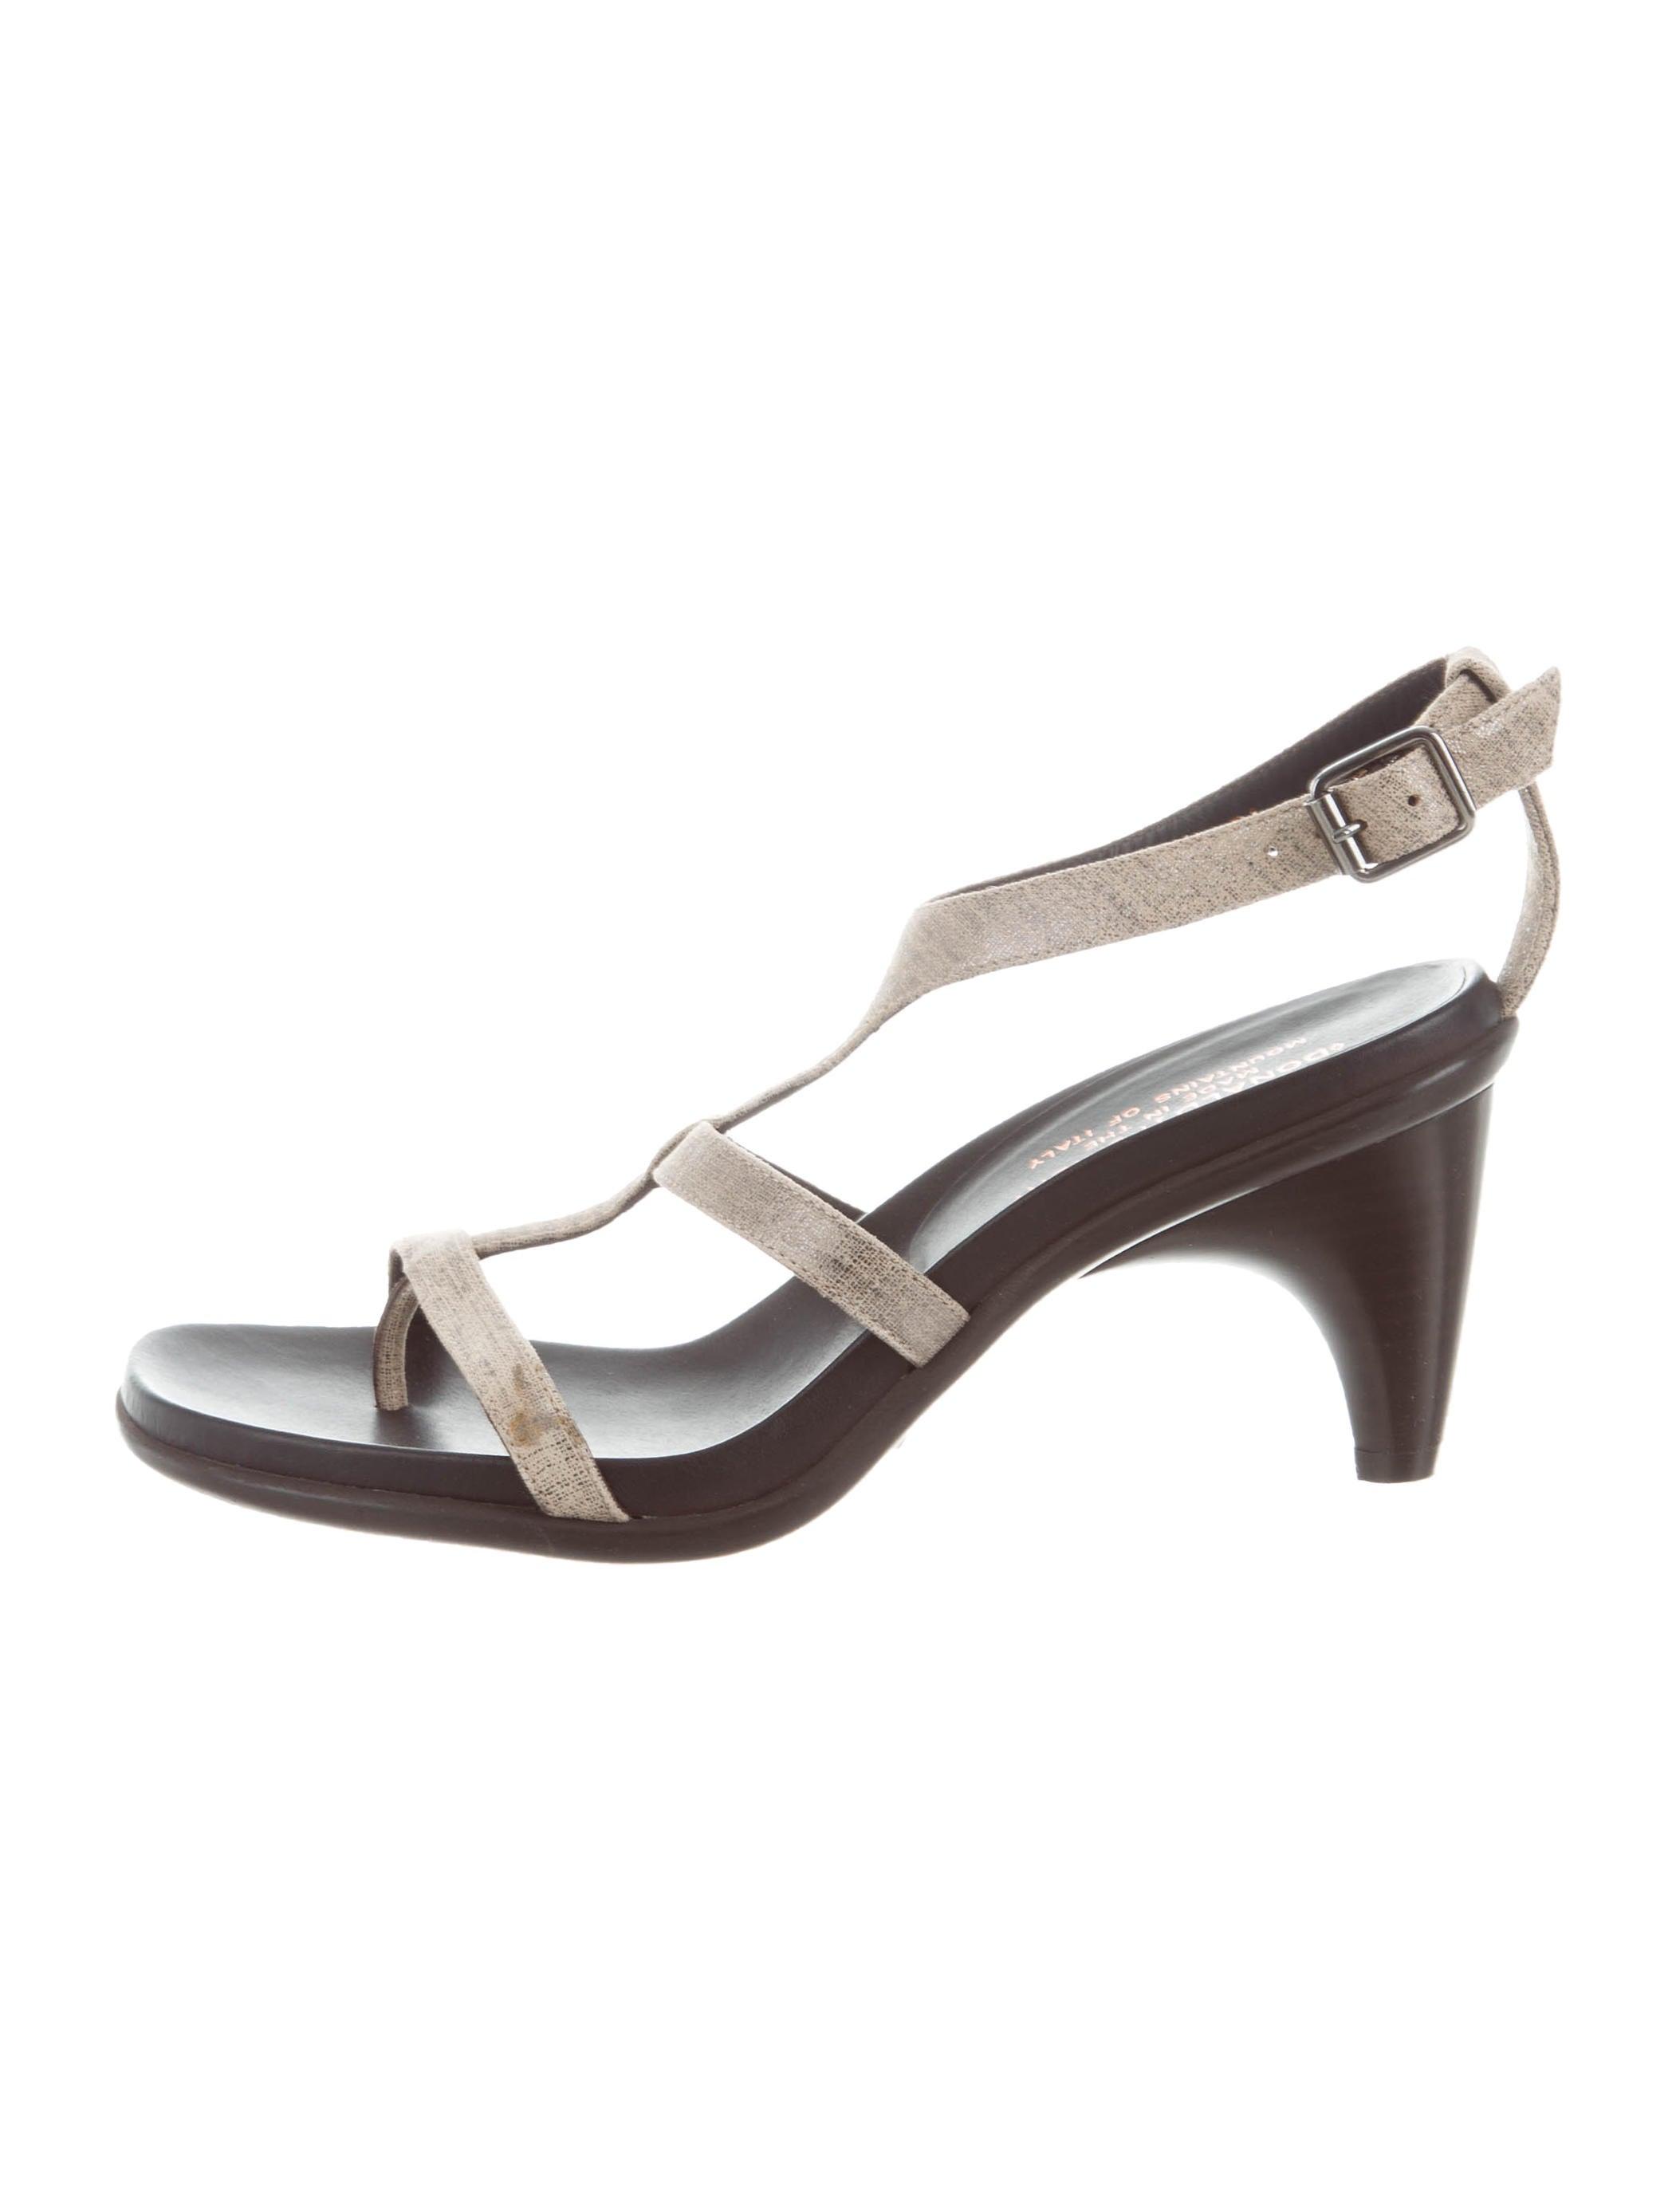 Donald J Pliner Cage Nubuck Sandals w/ Tags cheap wholesale brand new unisex sale online sale get authentic 2015 sale online rMQWu